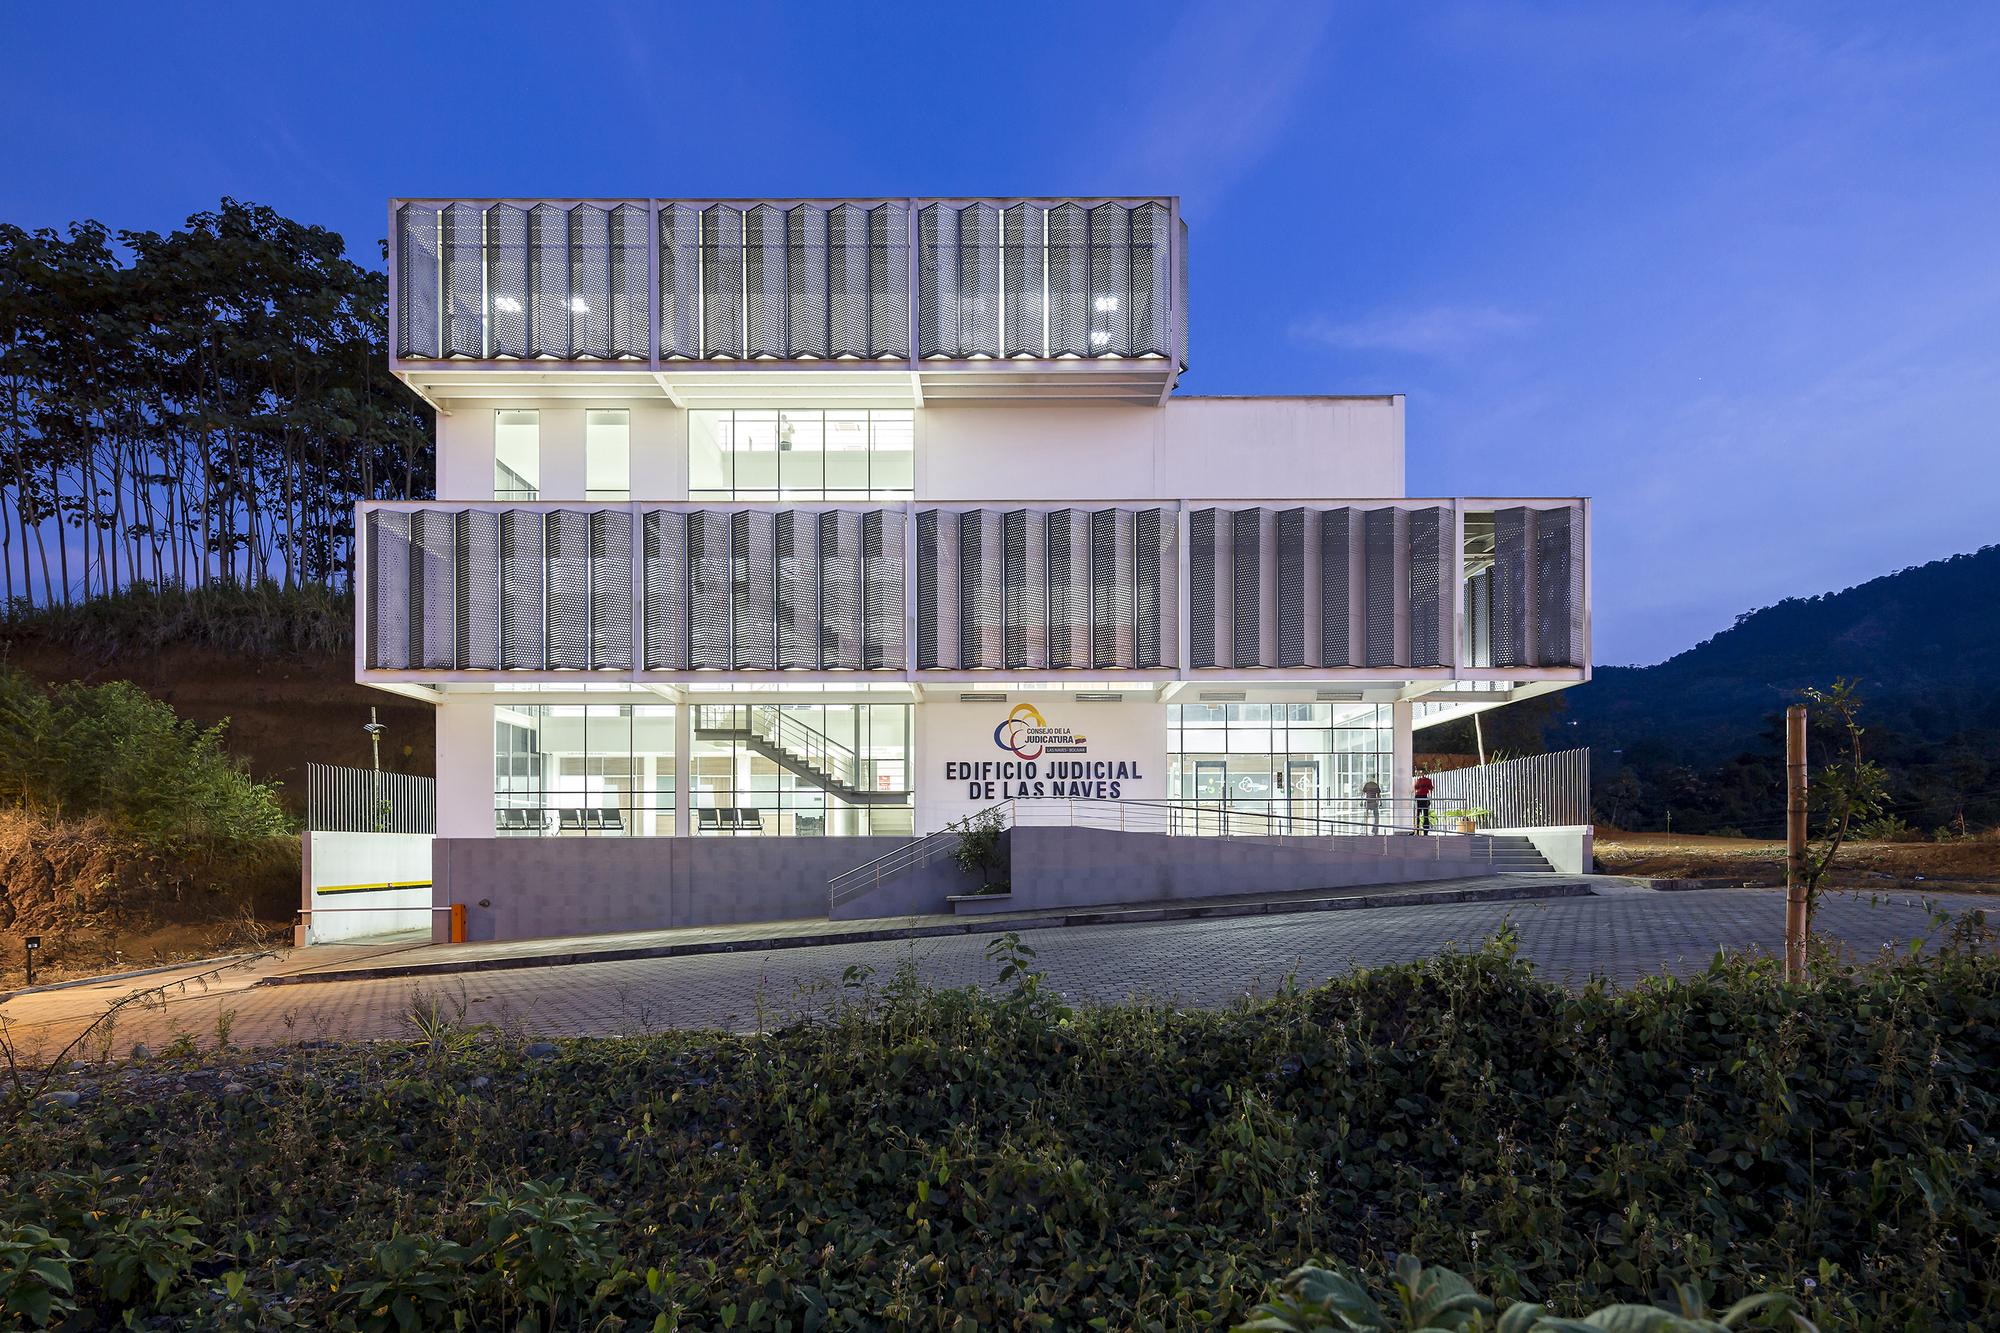 Galer a de unidad multicompetente las naves arquitectura for Arquitectura arquitectura